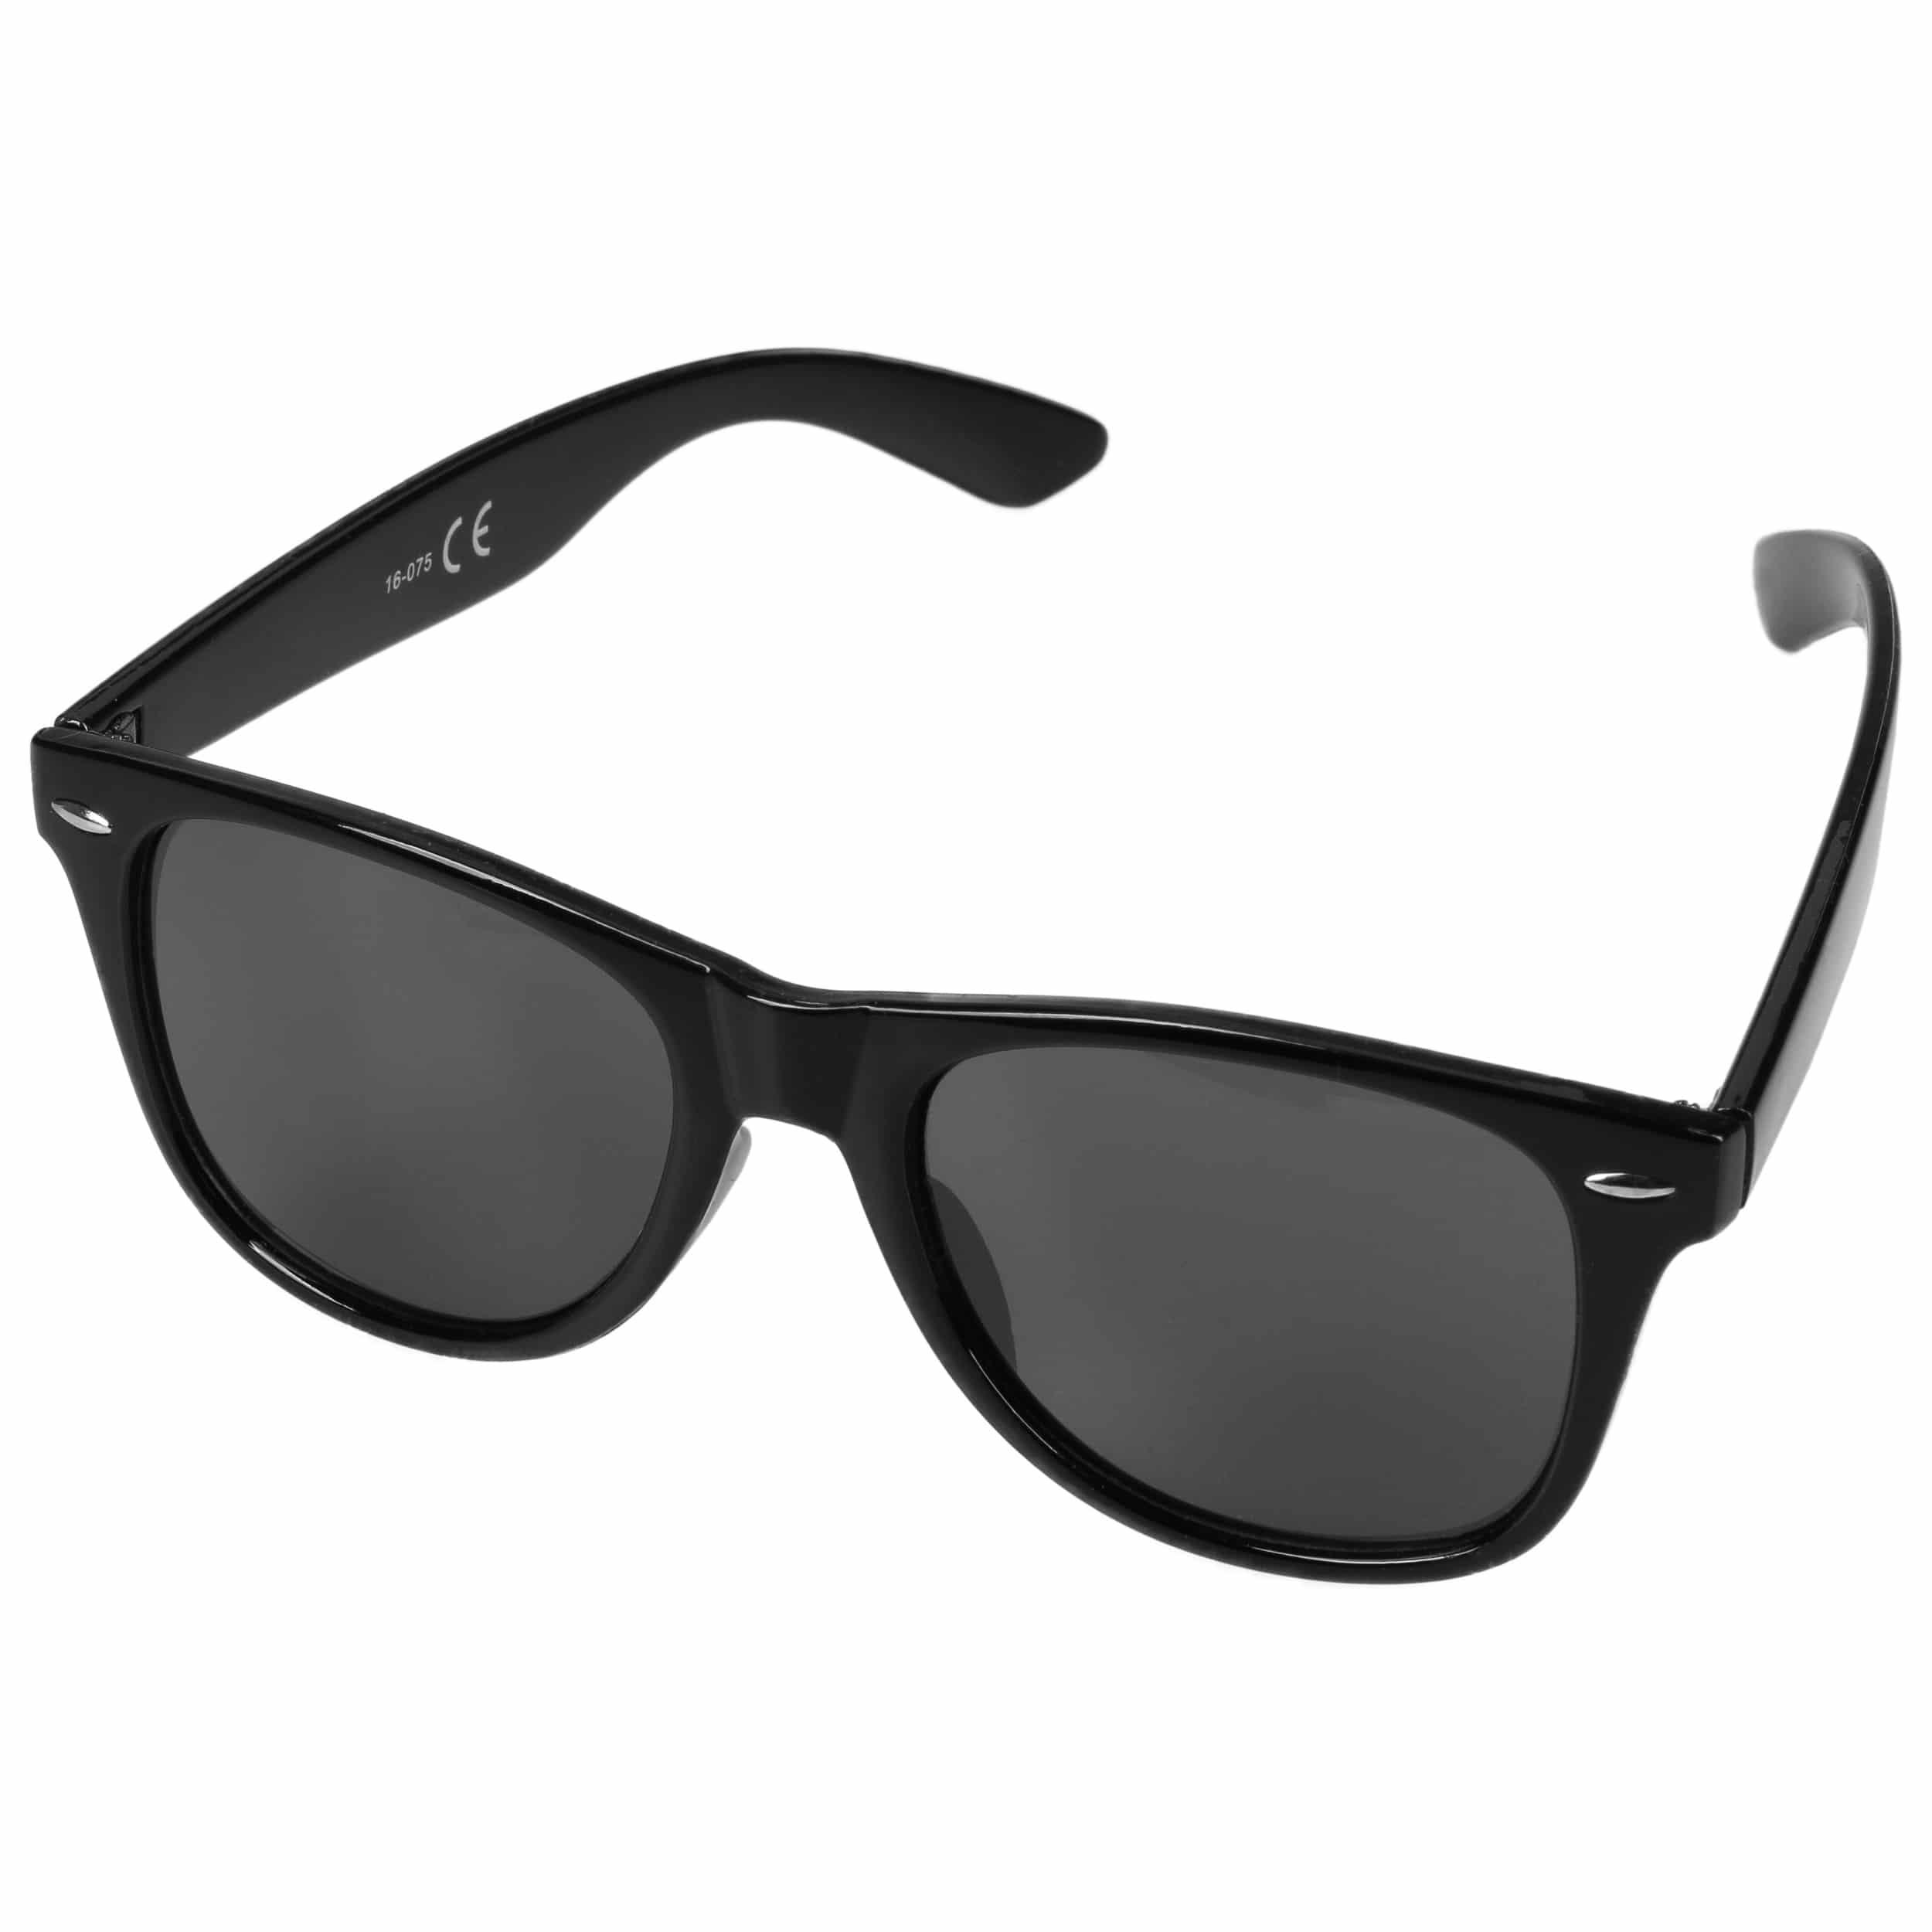 Occhiali da sole blues brothers 9 95 for Pubblicita occhiali da sole